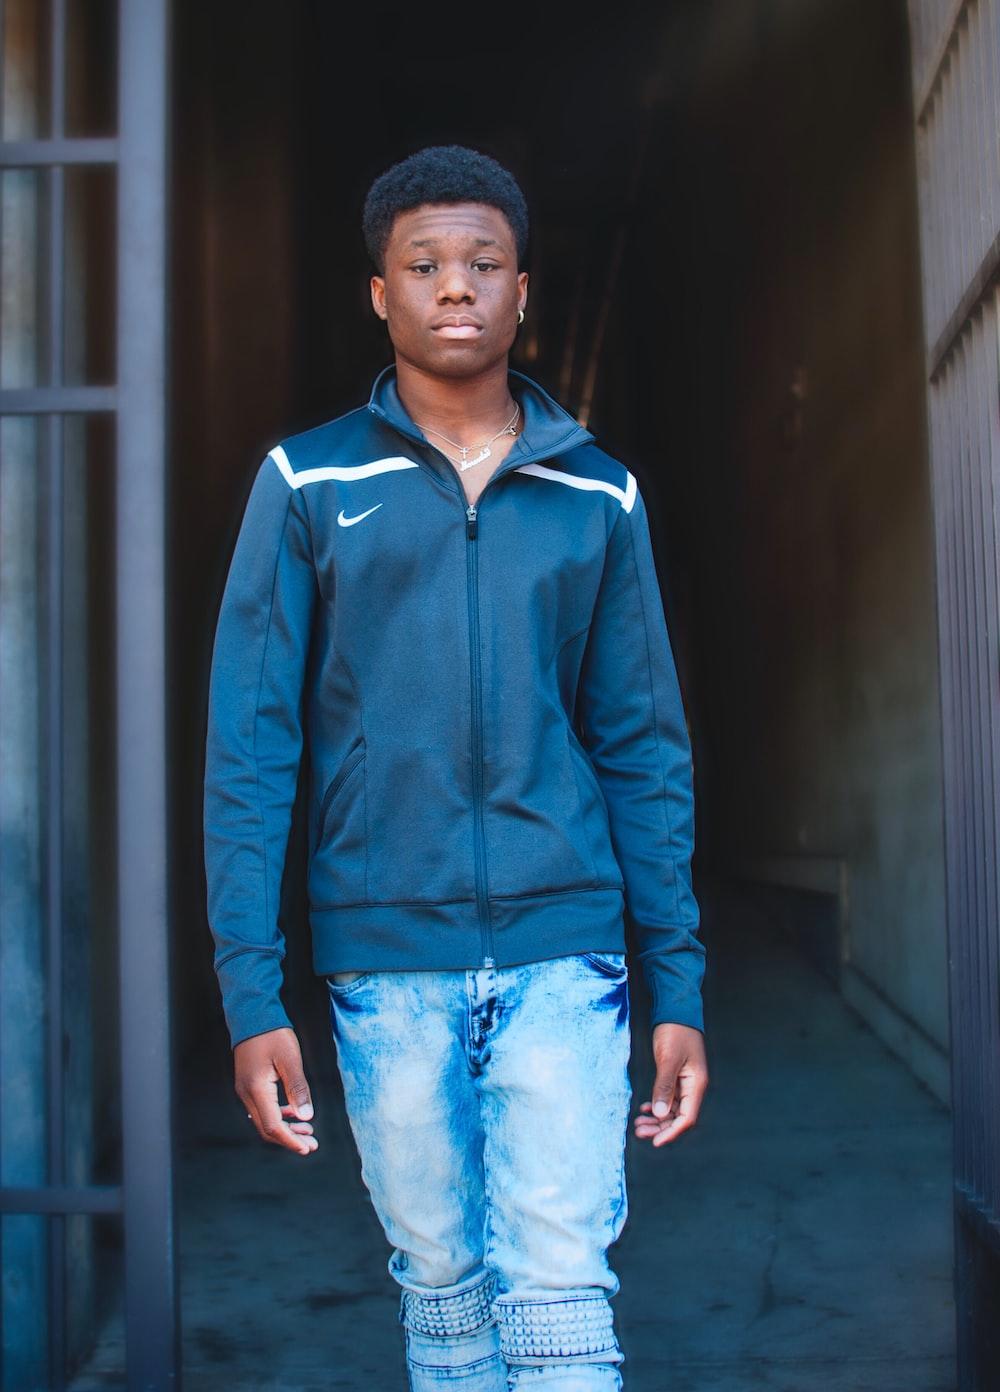 man about to walk wearing black Nike jacket